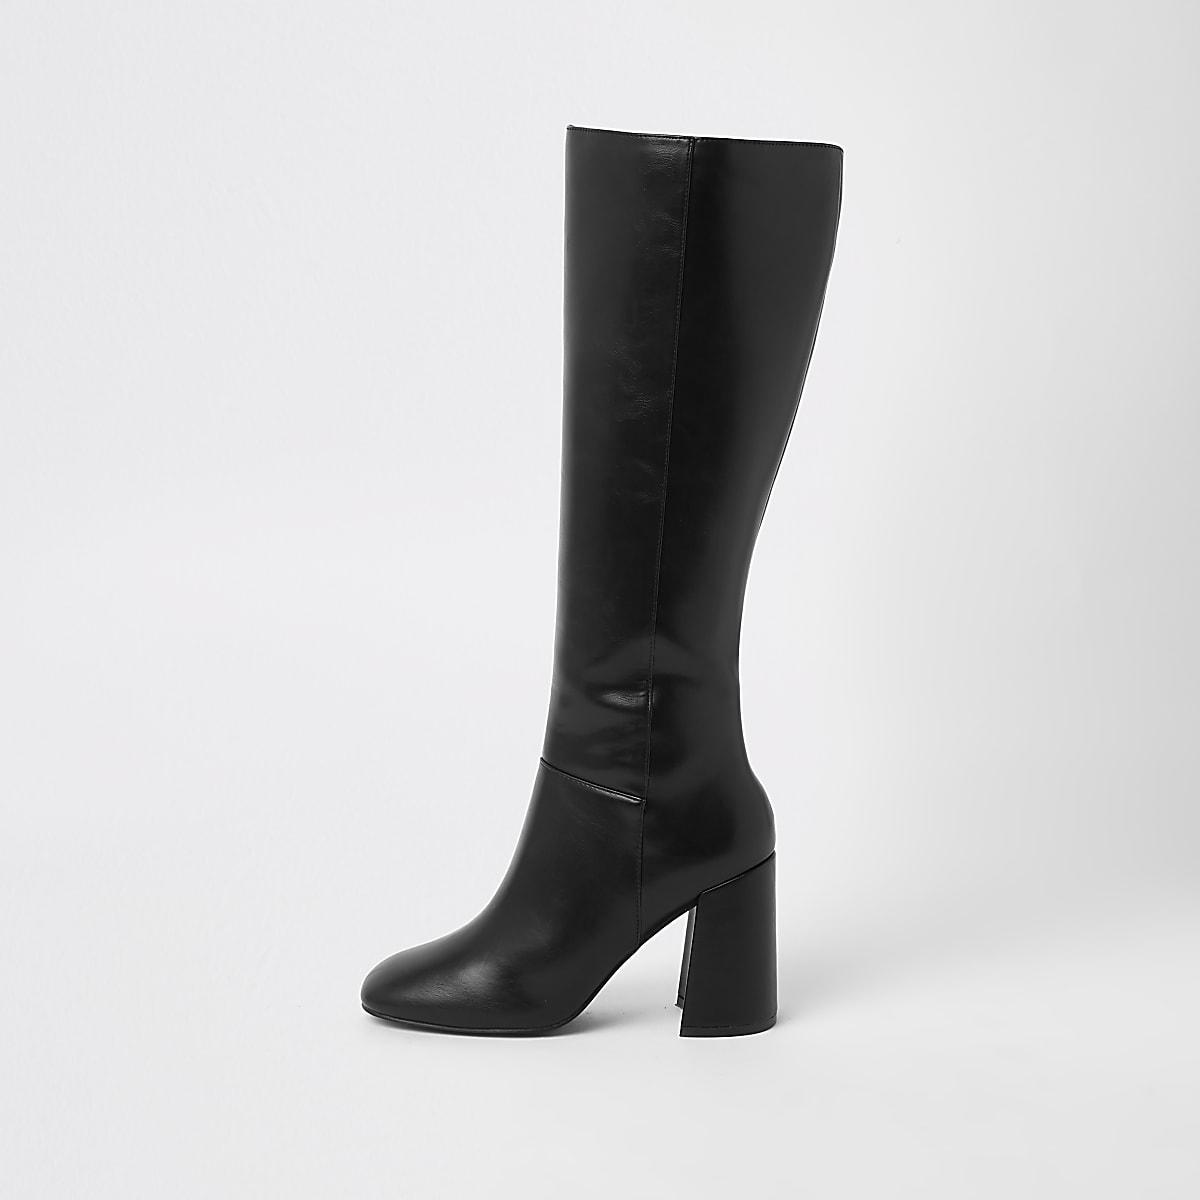 d6529dc306e Black block heel knee high boots